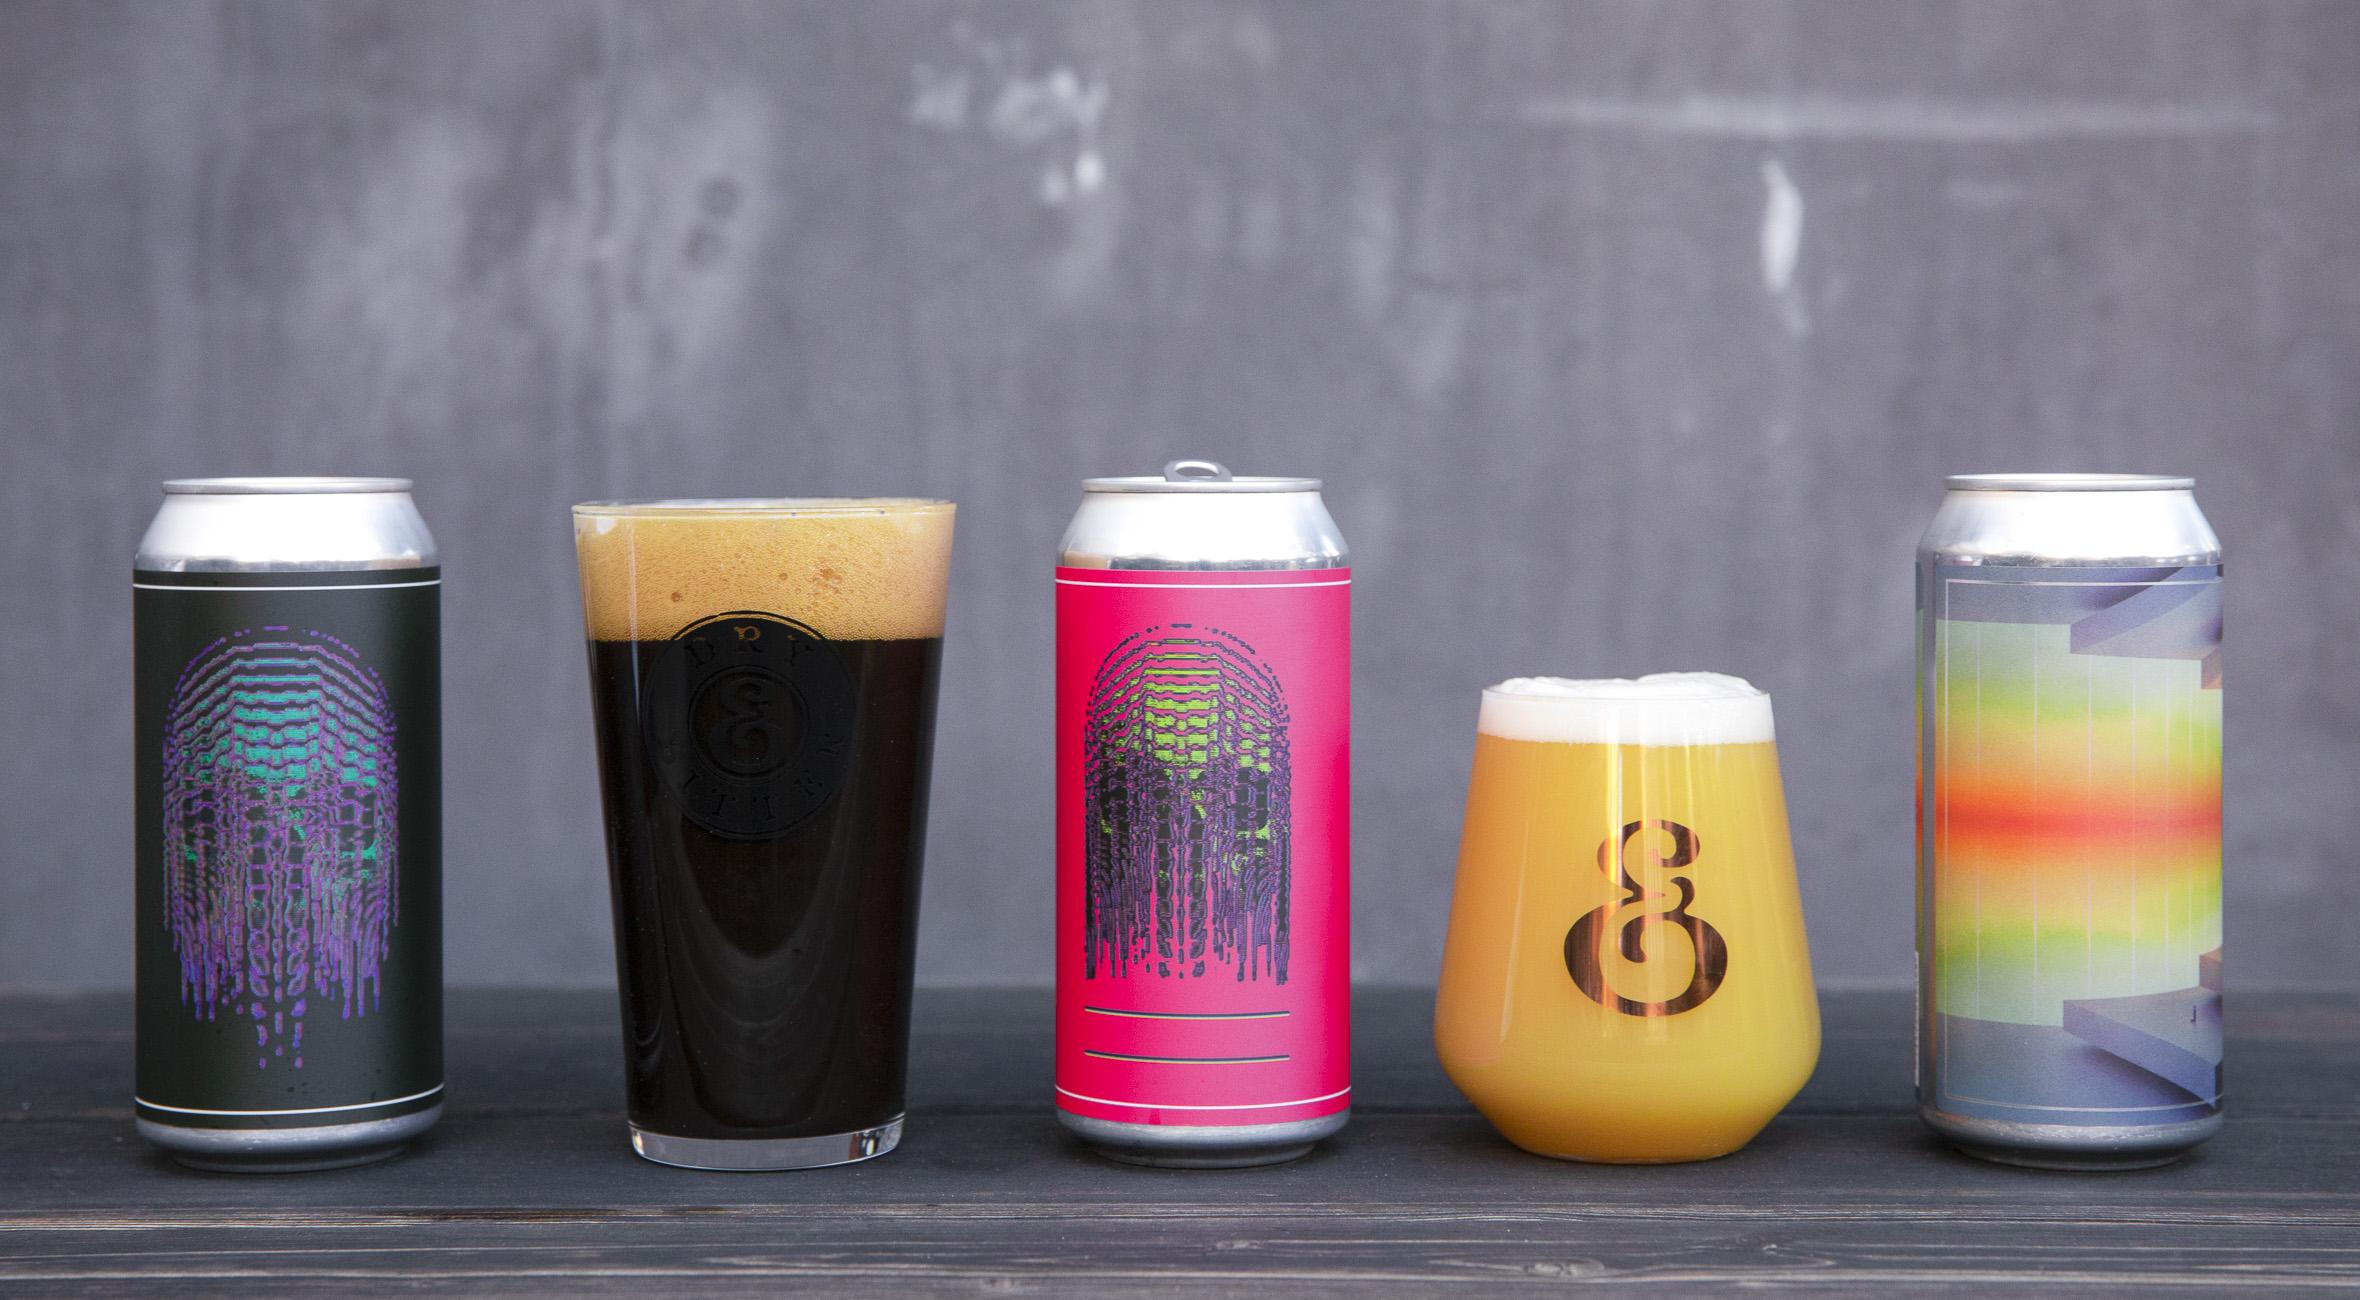 Frit valg til alt i Dry & Bitter Brewing Company's webshop – Få øl i verdensklasse! Du får gratis levering til pakkeshop